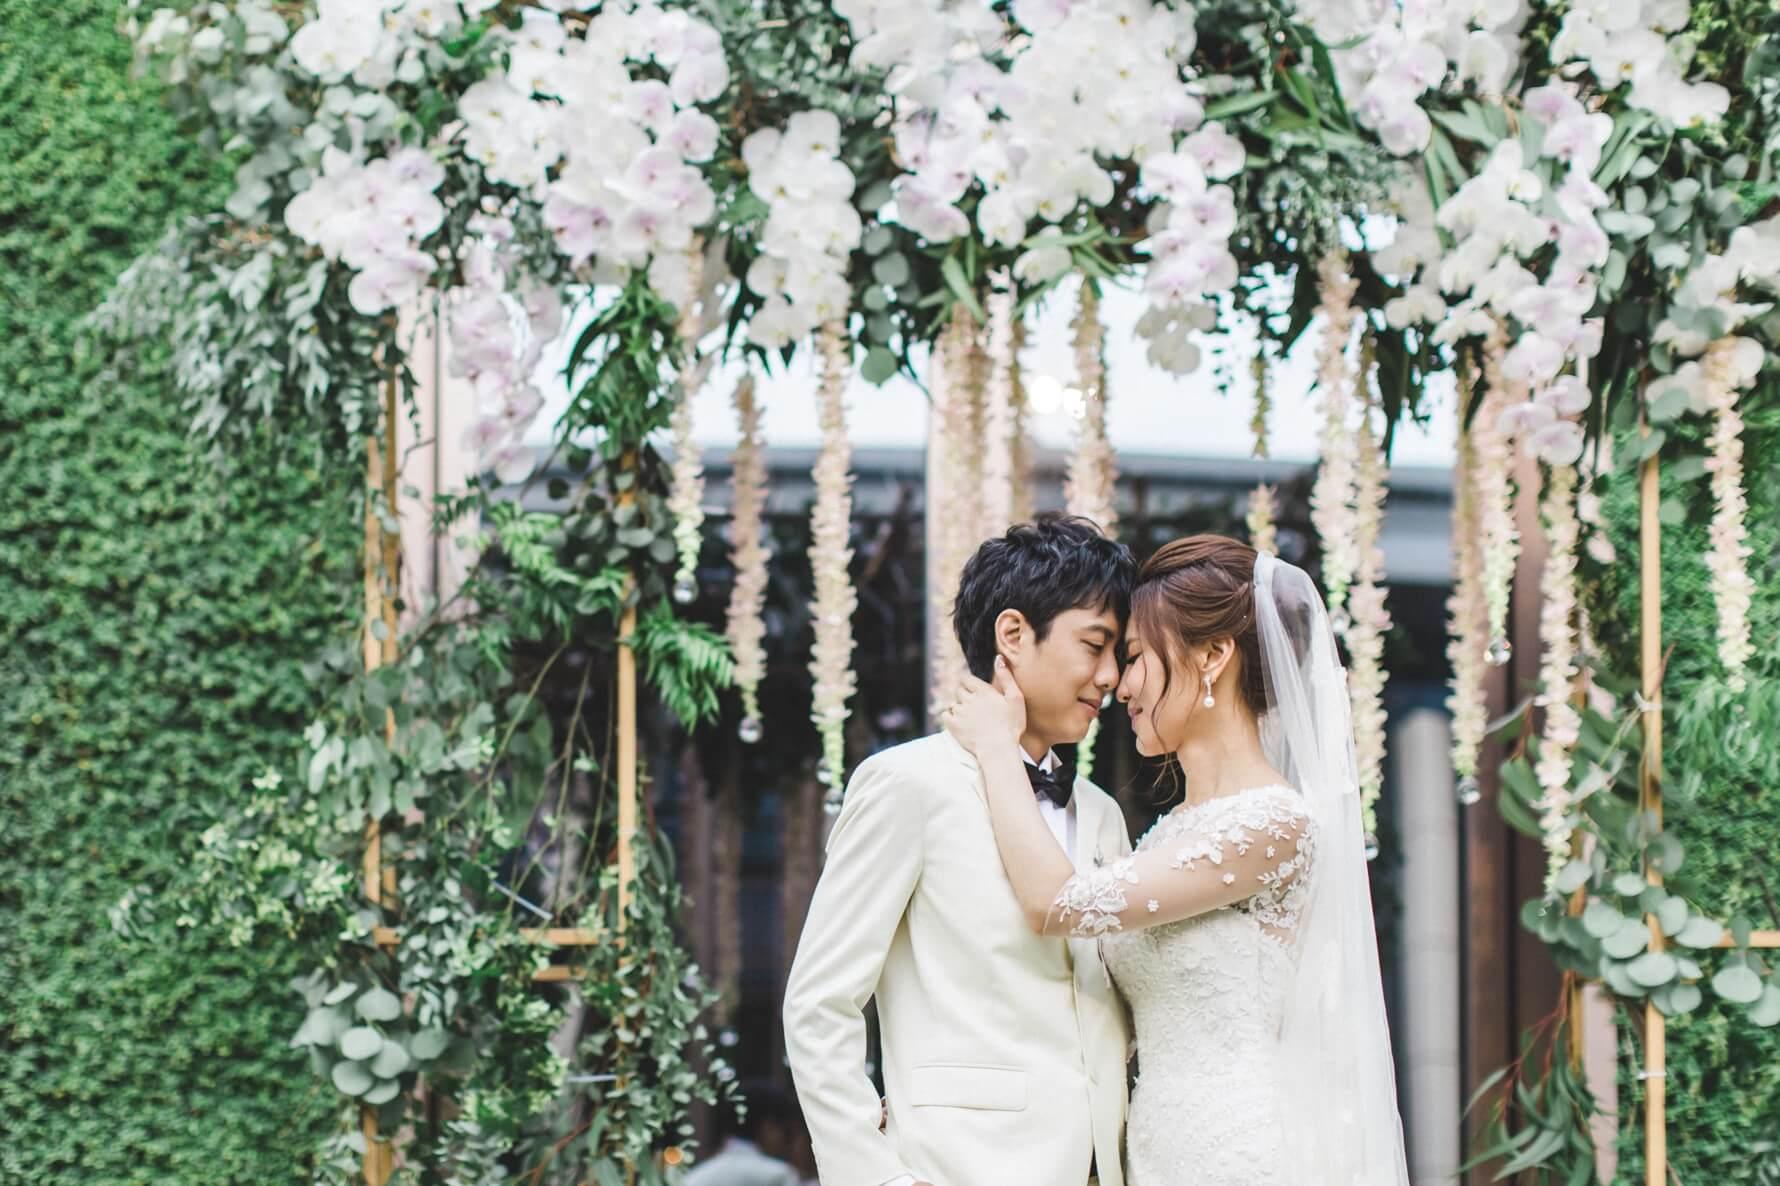 婚禮MV、錄影、快剪快播、Wedding SDE、台北萬豪酒店